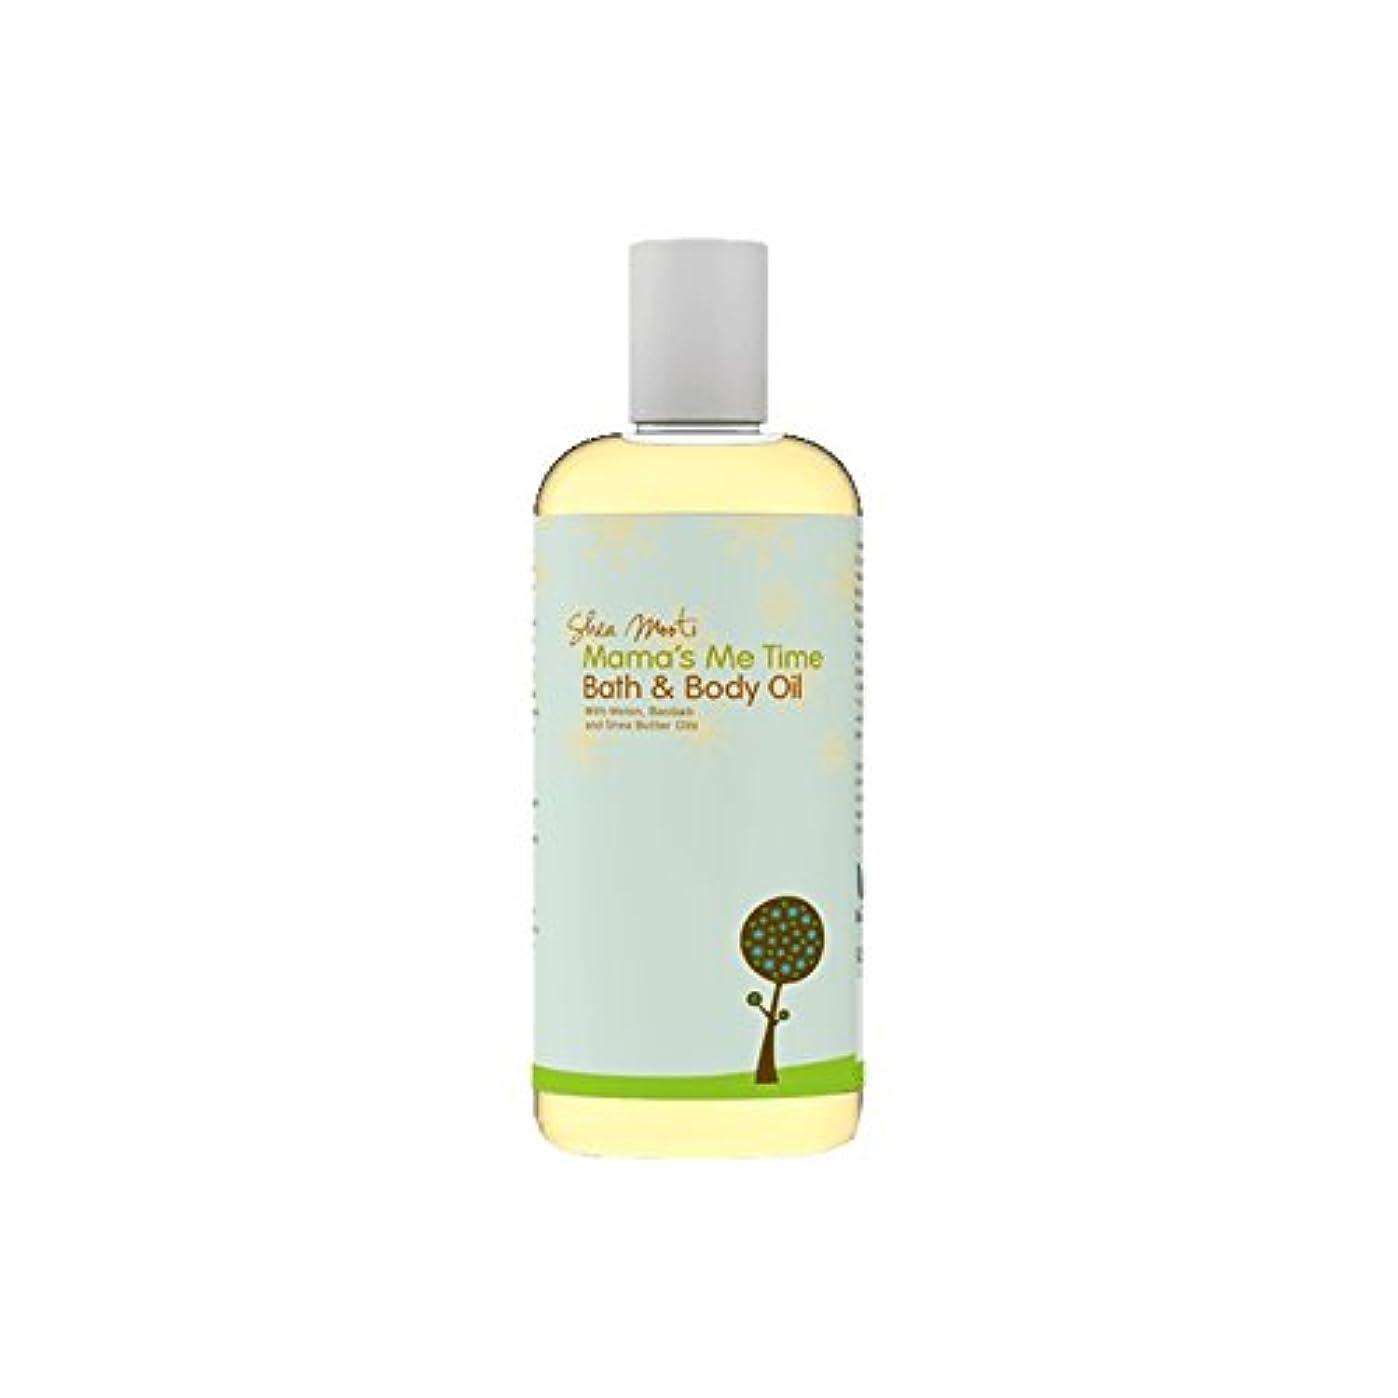 博物館軌道エキサイティングShea Mooti Mama's Me Time Bath and Body Oil 110g (Pack of 2) - シアバターMootiママの私の時間のバス、ボディオイル110グラム (x2) [並行輸入品]